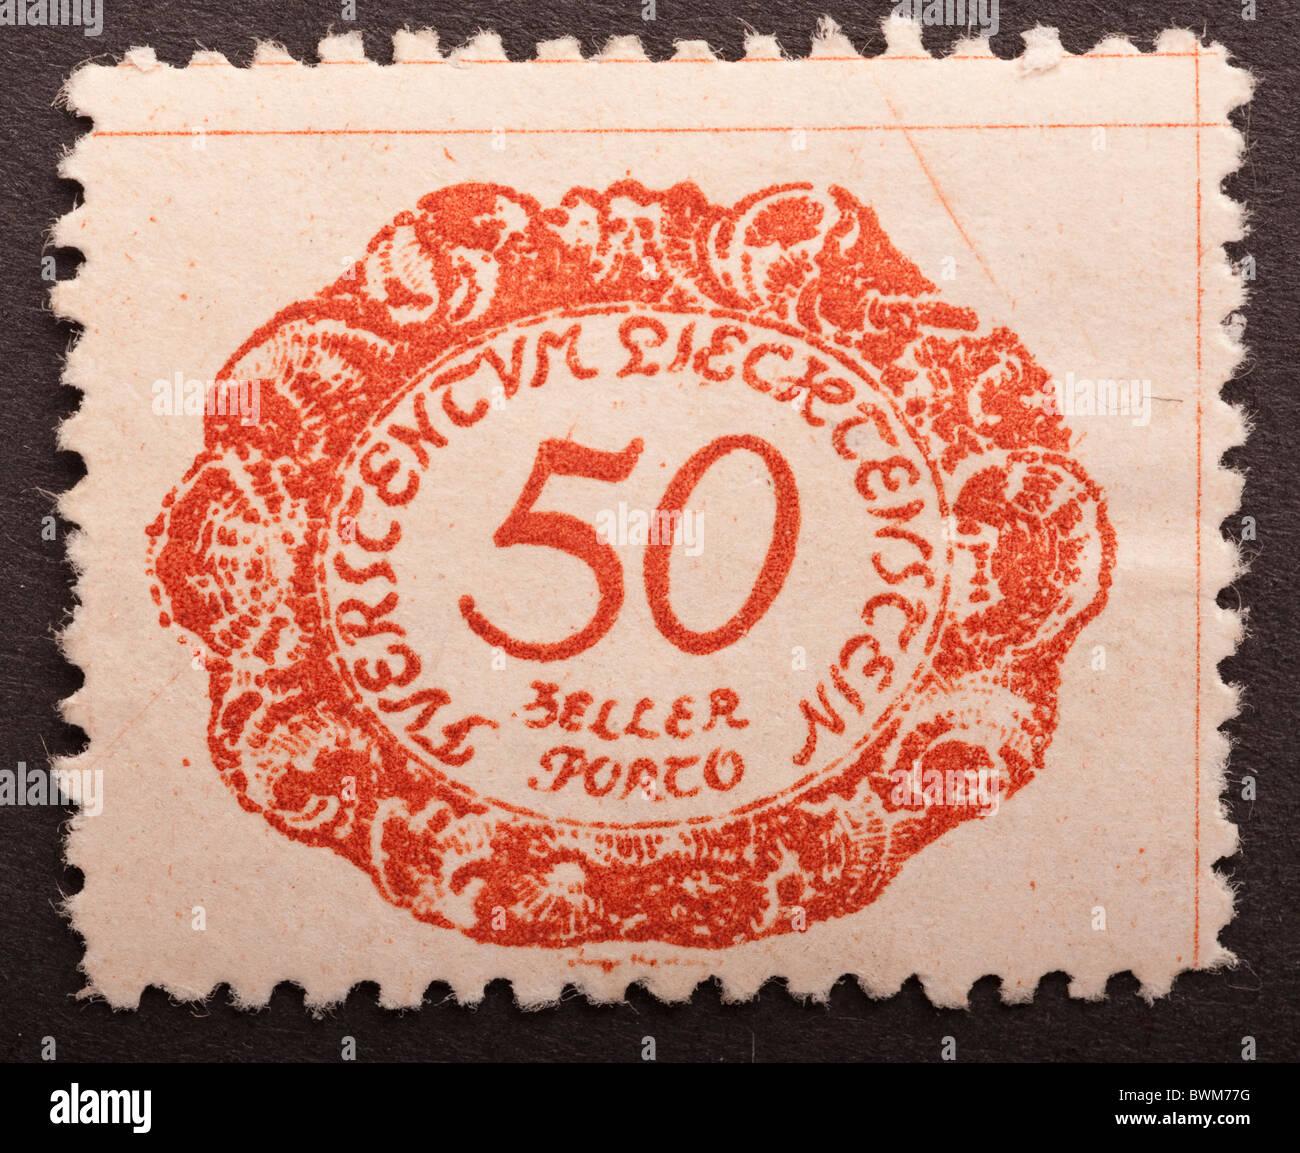 Liechtenstein Postage Due Stamp 50, circa 1920 Stock Photo